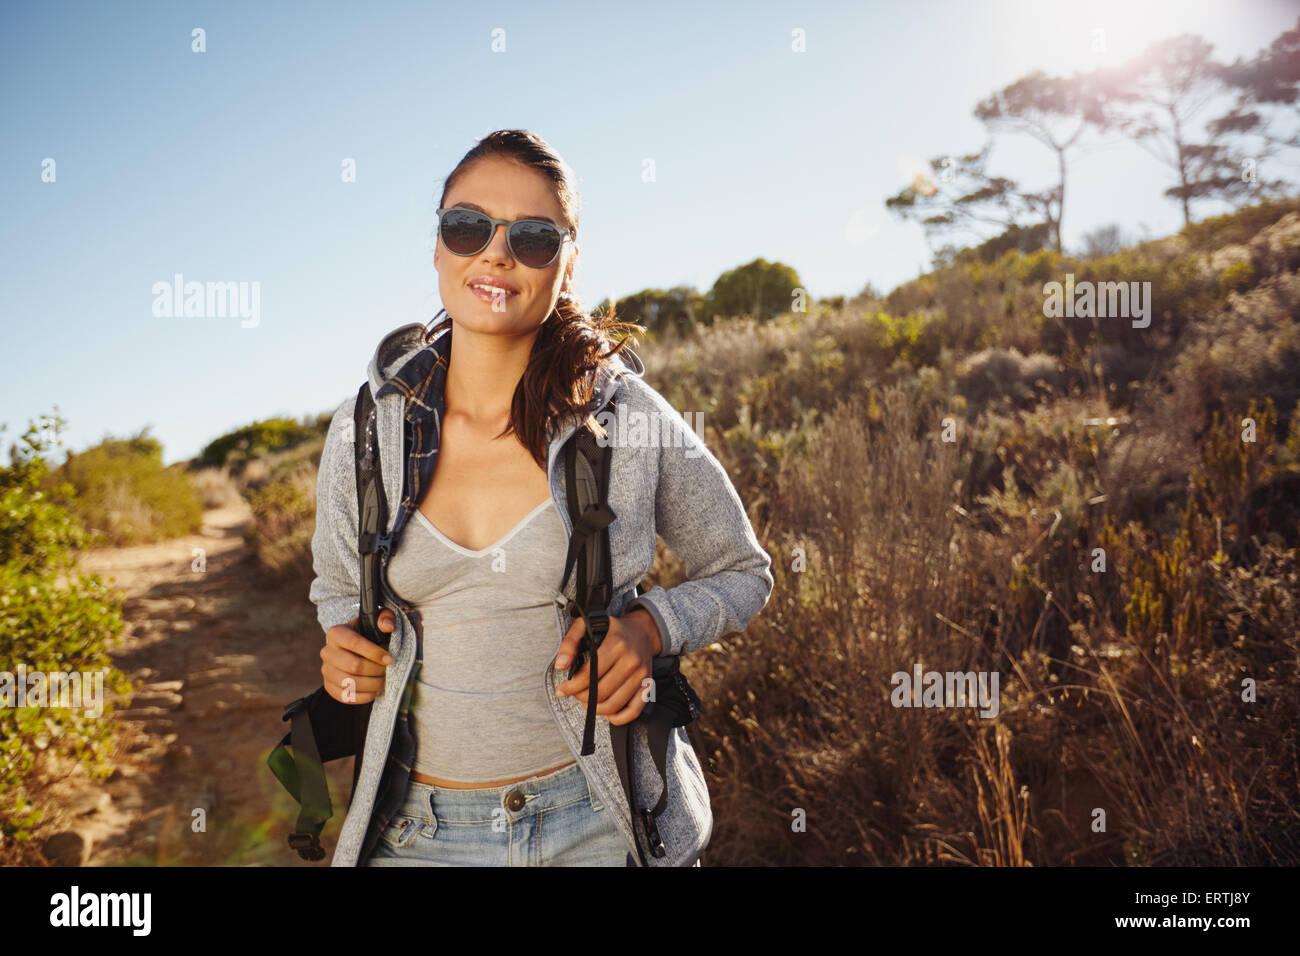 Porträt einer schönen jungen Wanderer Frau Wandern in der Natur. Kaukasische Mädchen mit Sonnenbrille, Stockbild